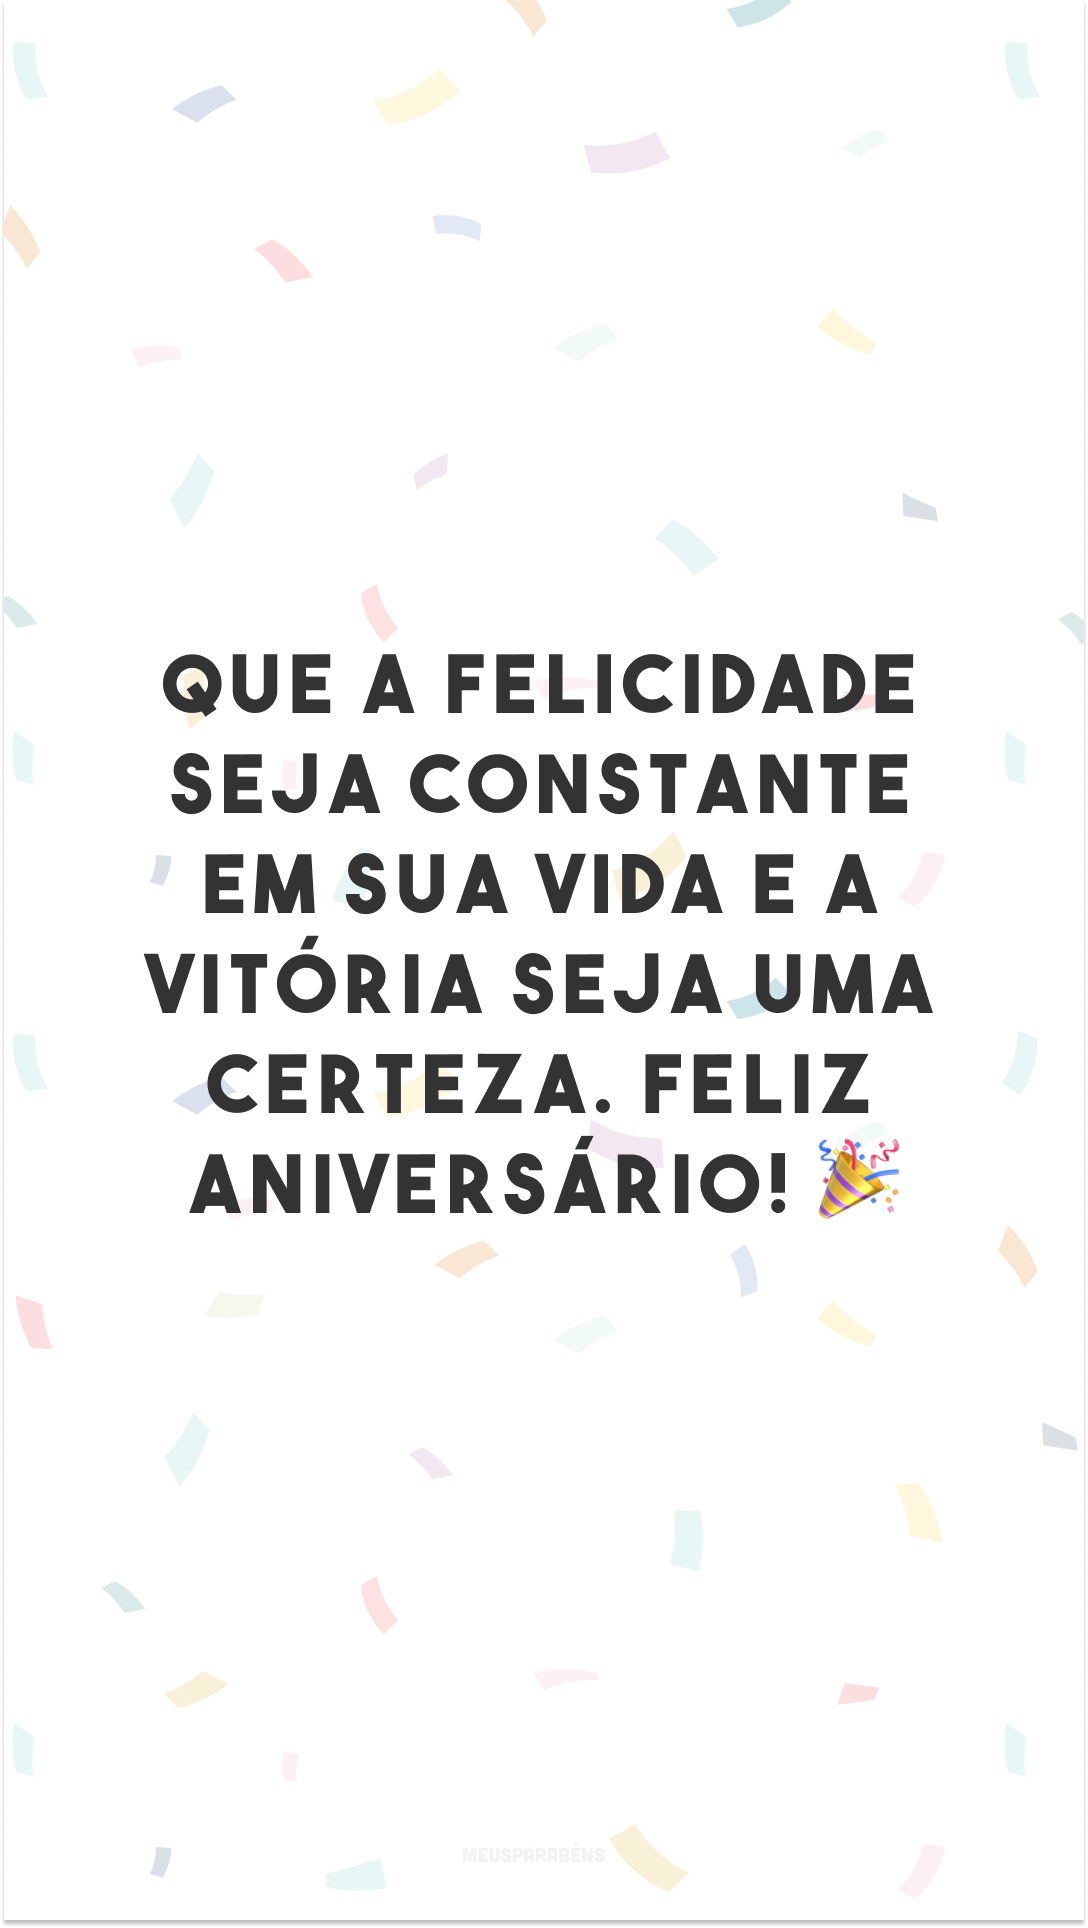 Que a felicidade seja constante em sua vida e a vitória seja uma certeza. Feliz aniversário! 🎉